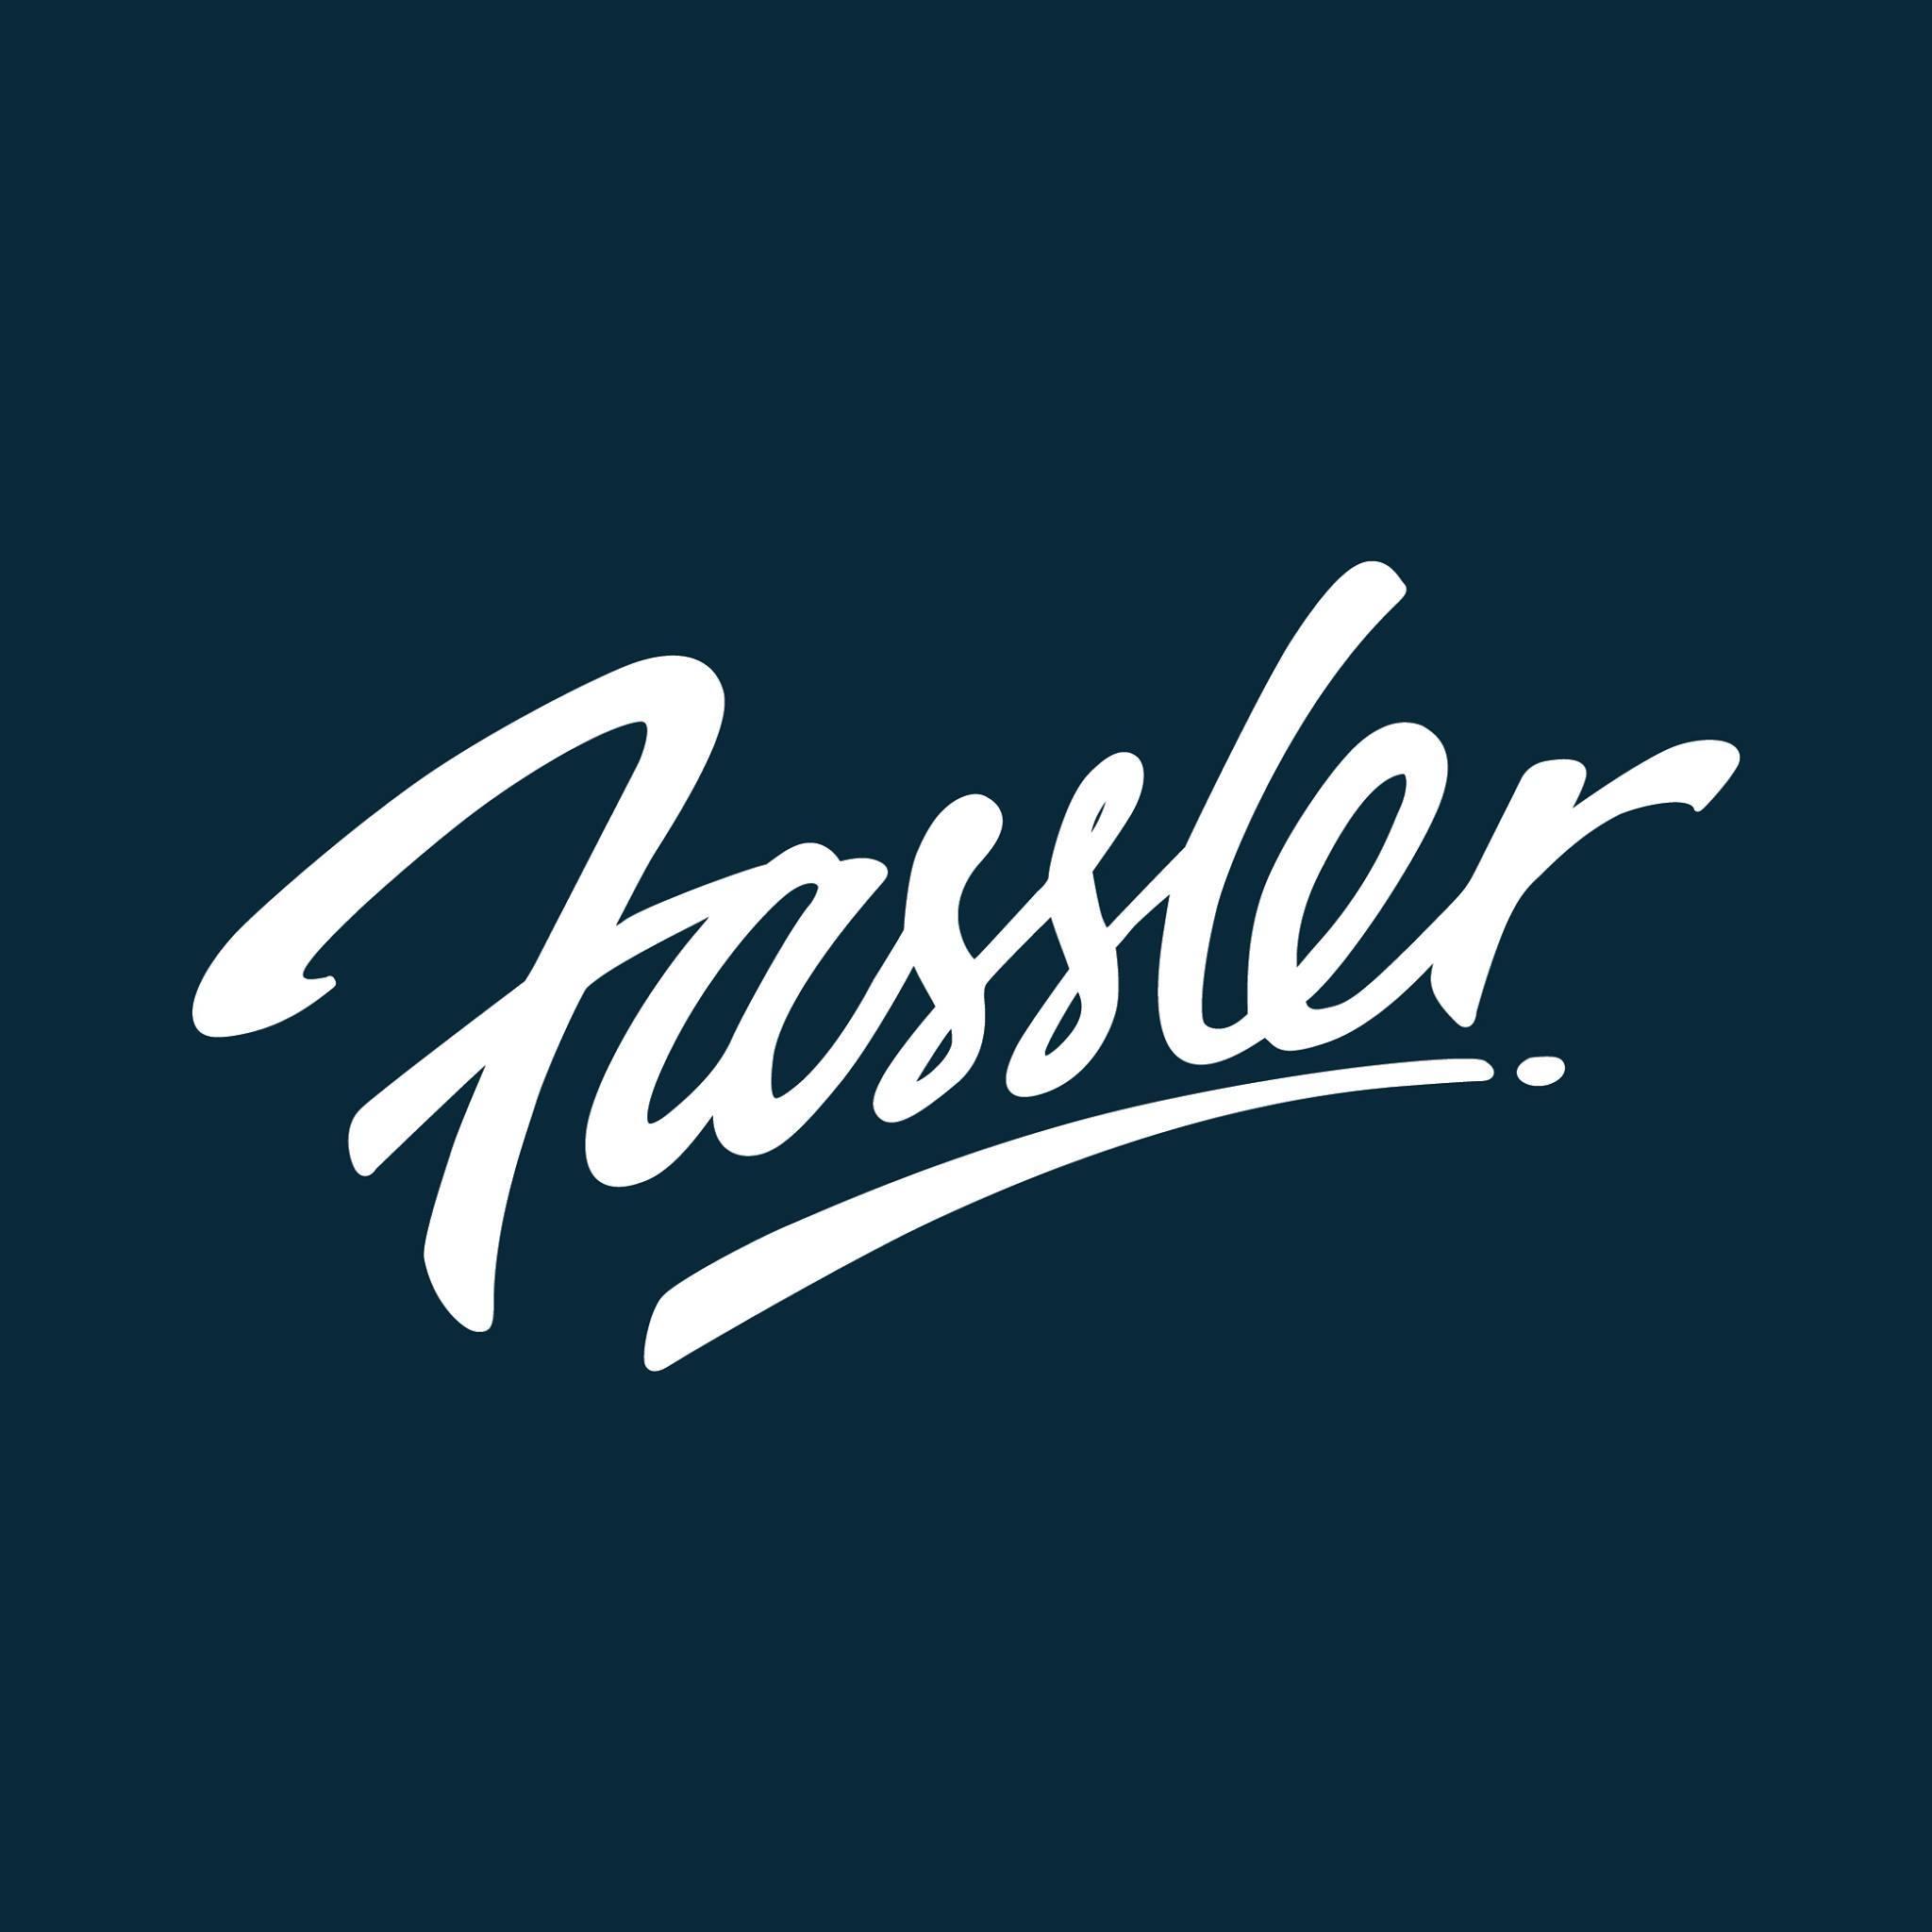 fassler logo